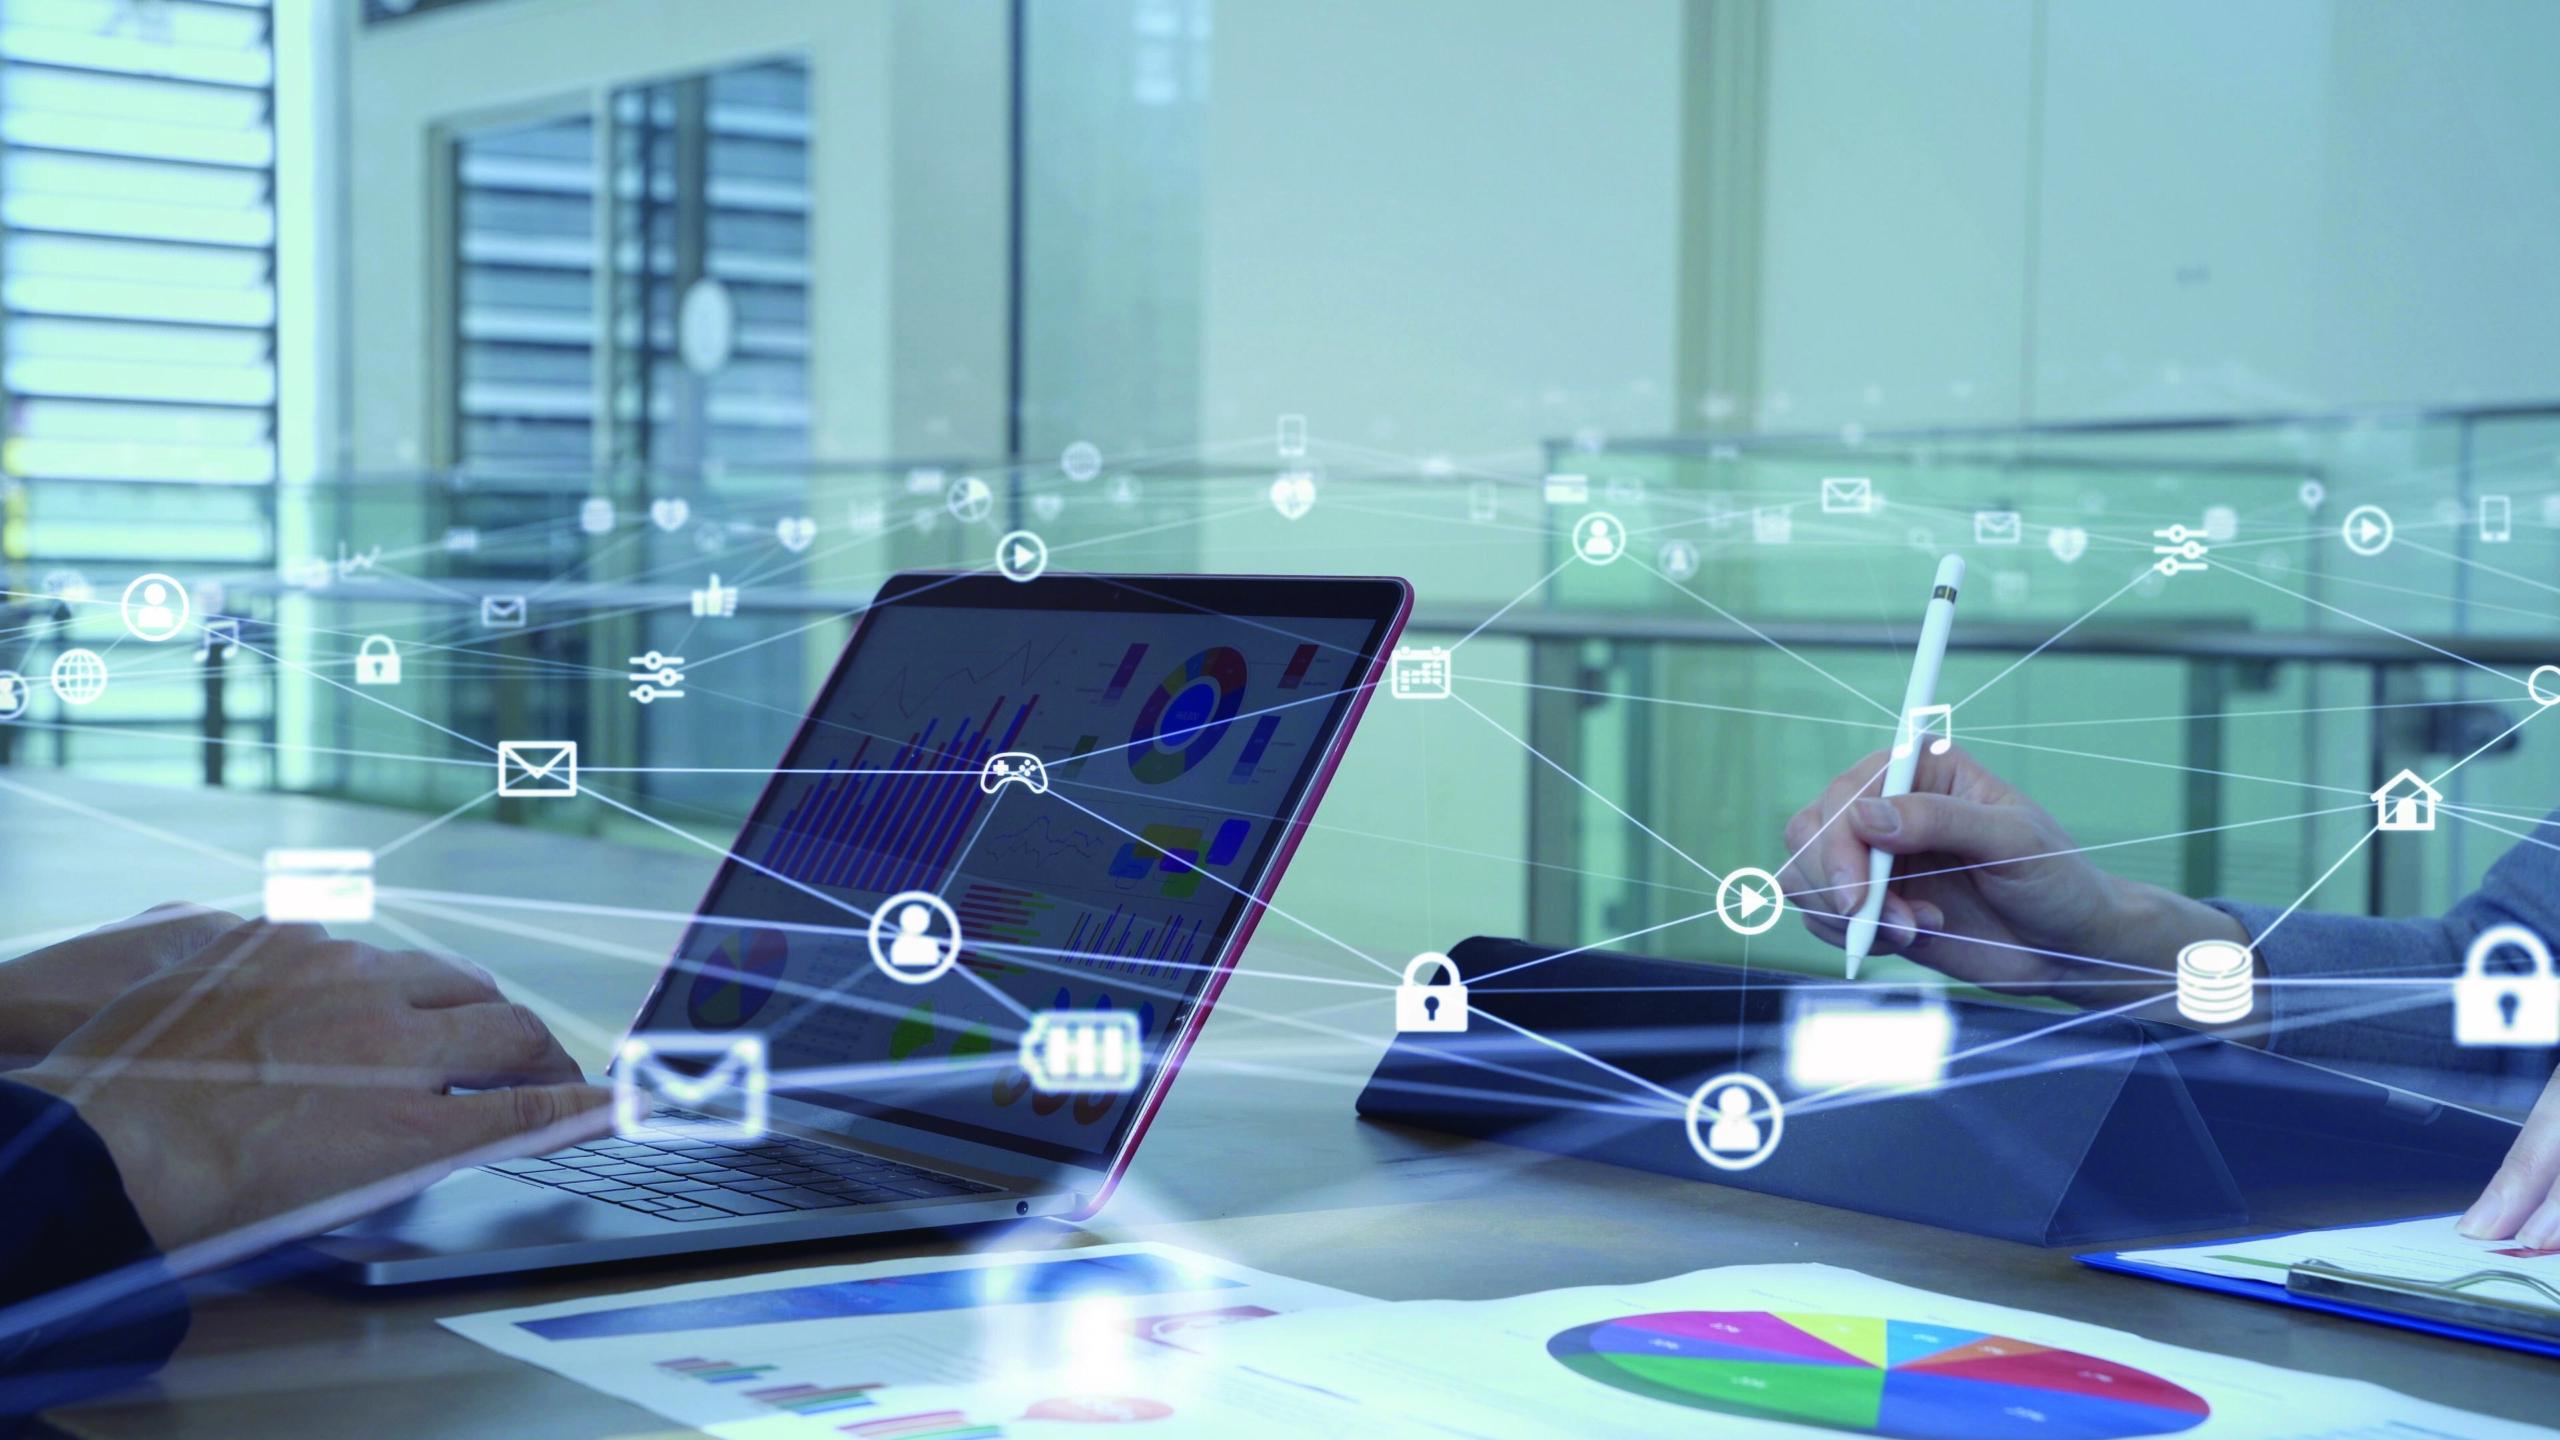 Michael Thode uddyber om digitale services i blogindlægget